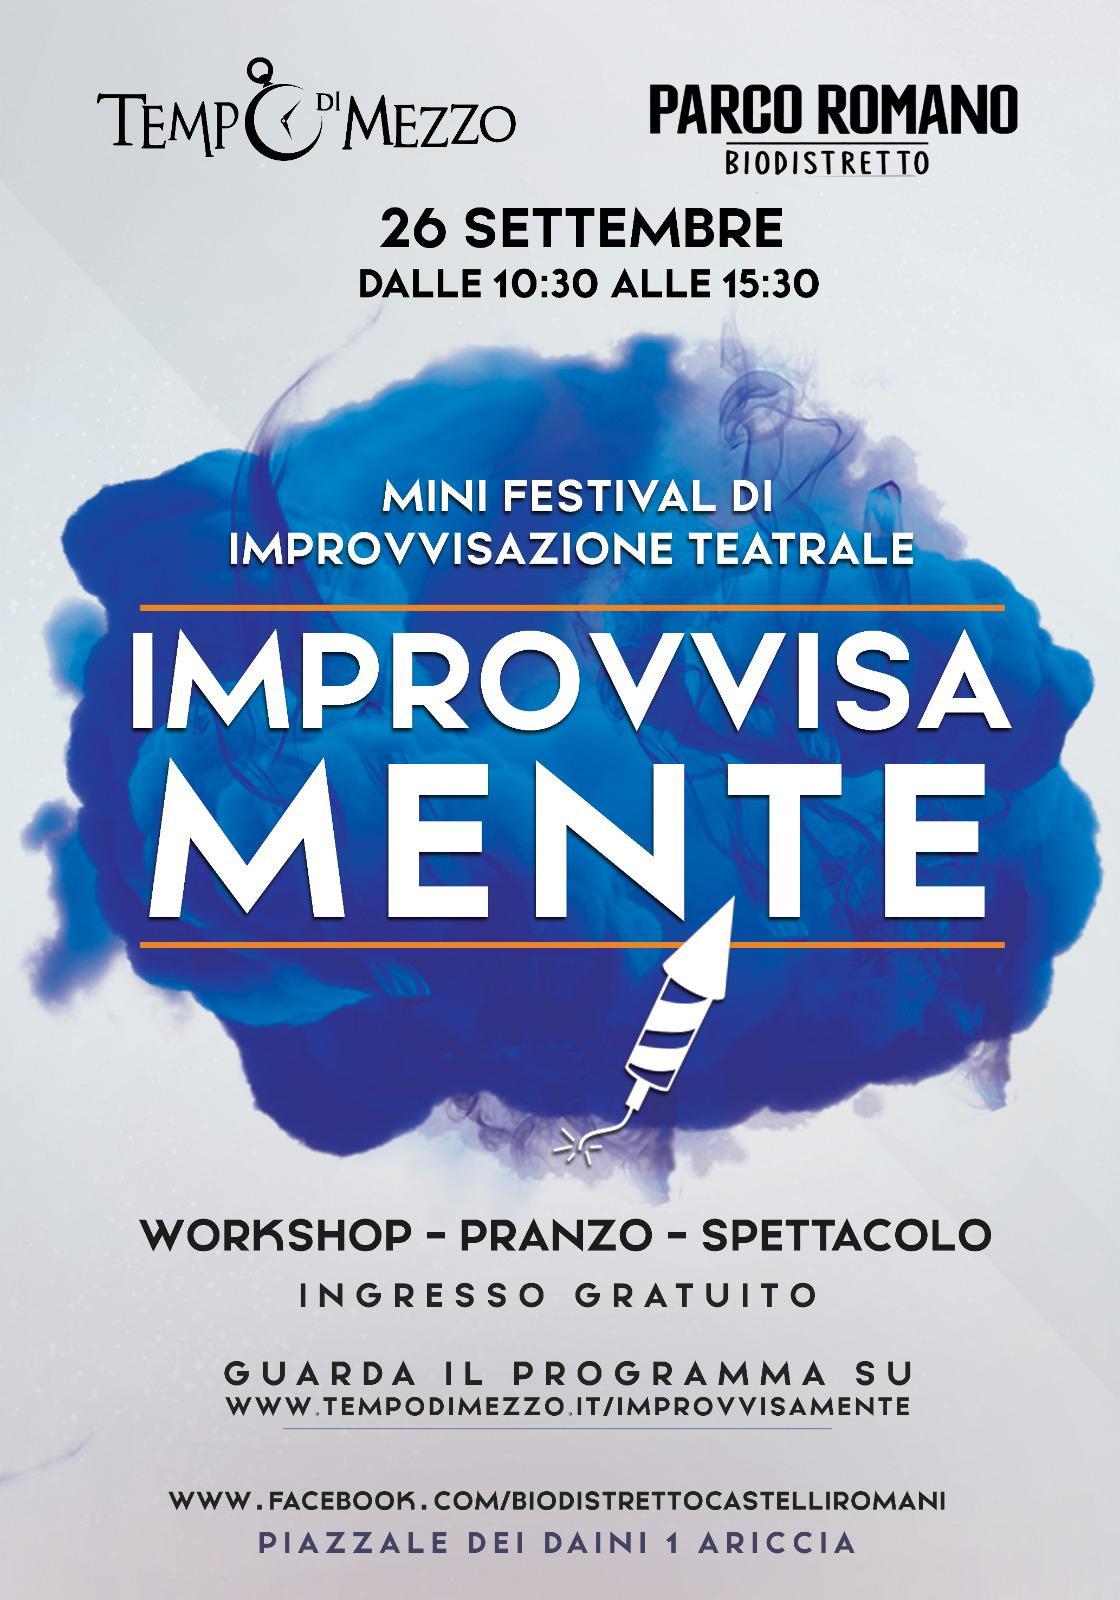 Ariccia, un festival dedicato all'improvvisazione teatrale al Parco Romano Biodistretto  di Montegentile